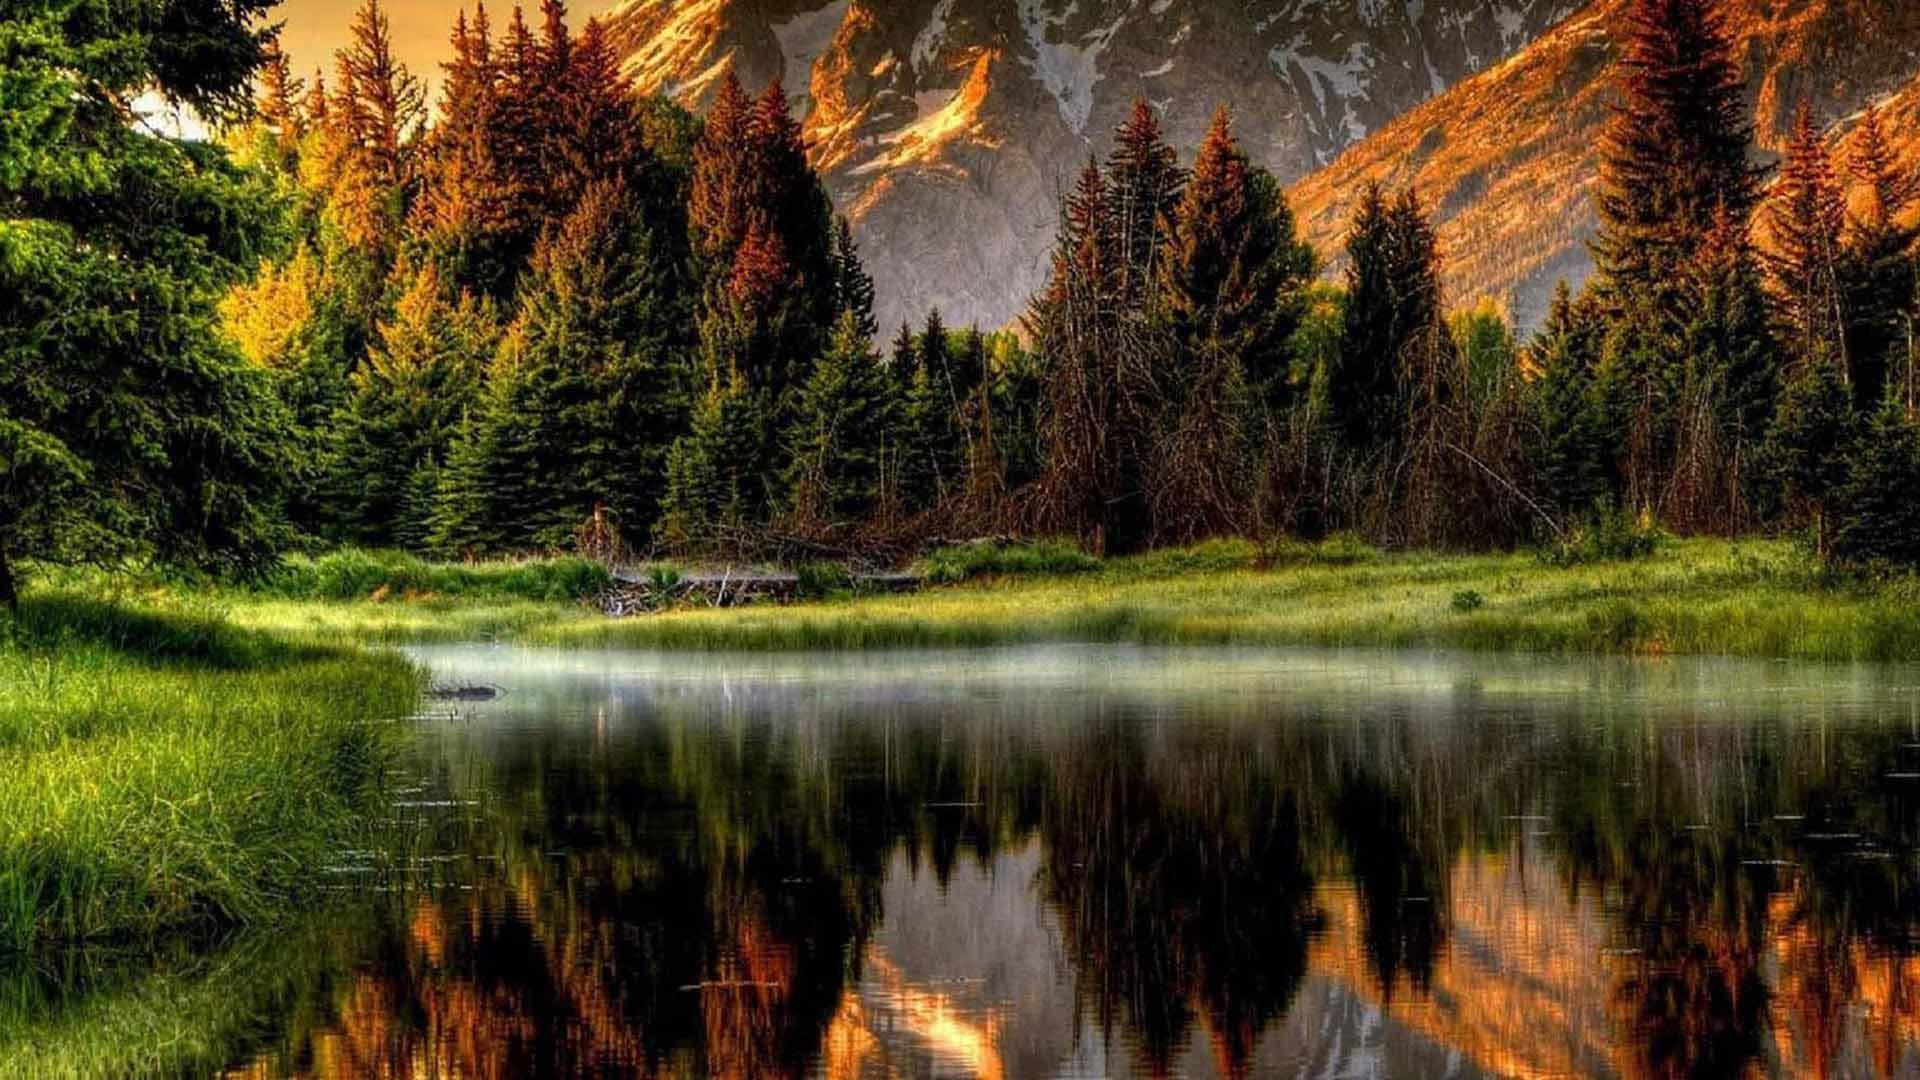 Nature Scenes Wallpaper – WallpaperSafari